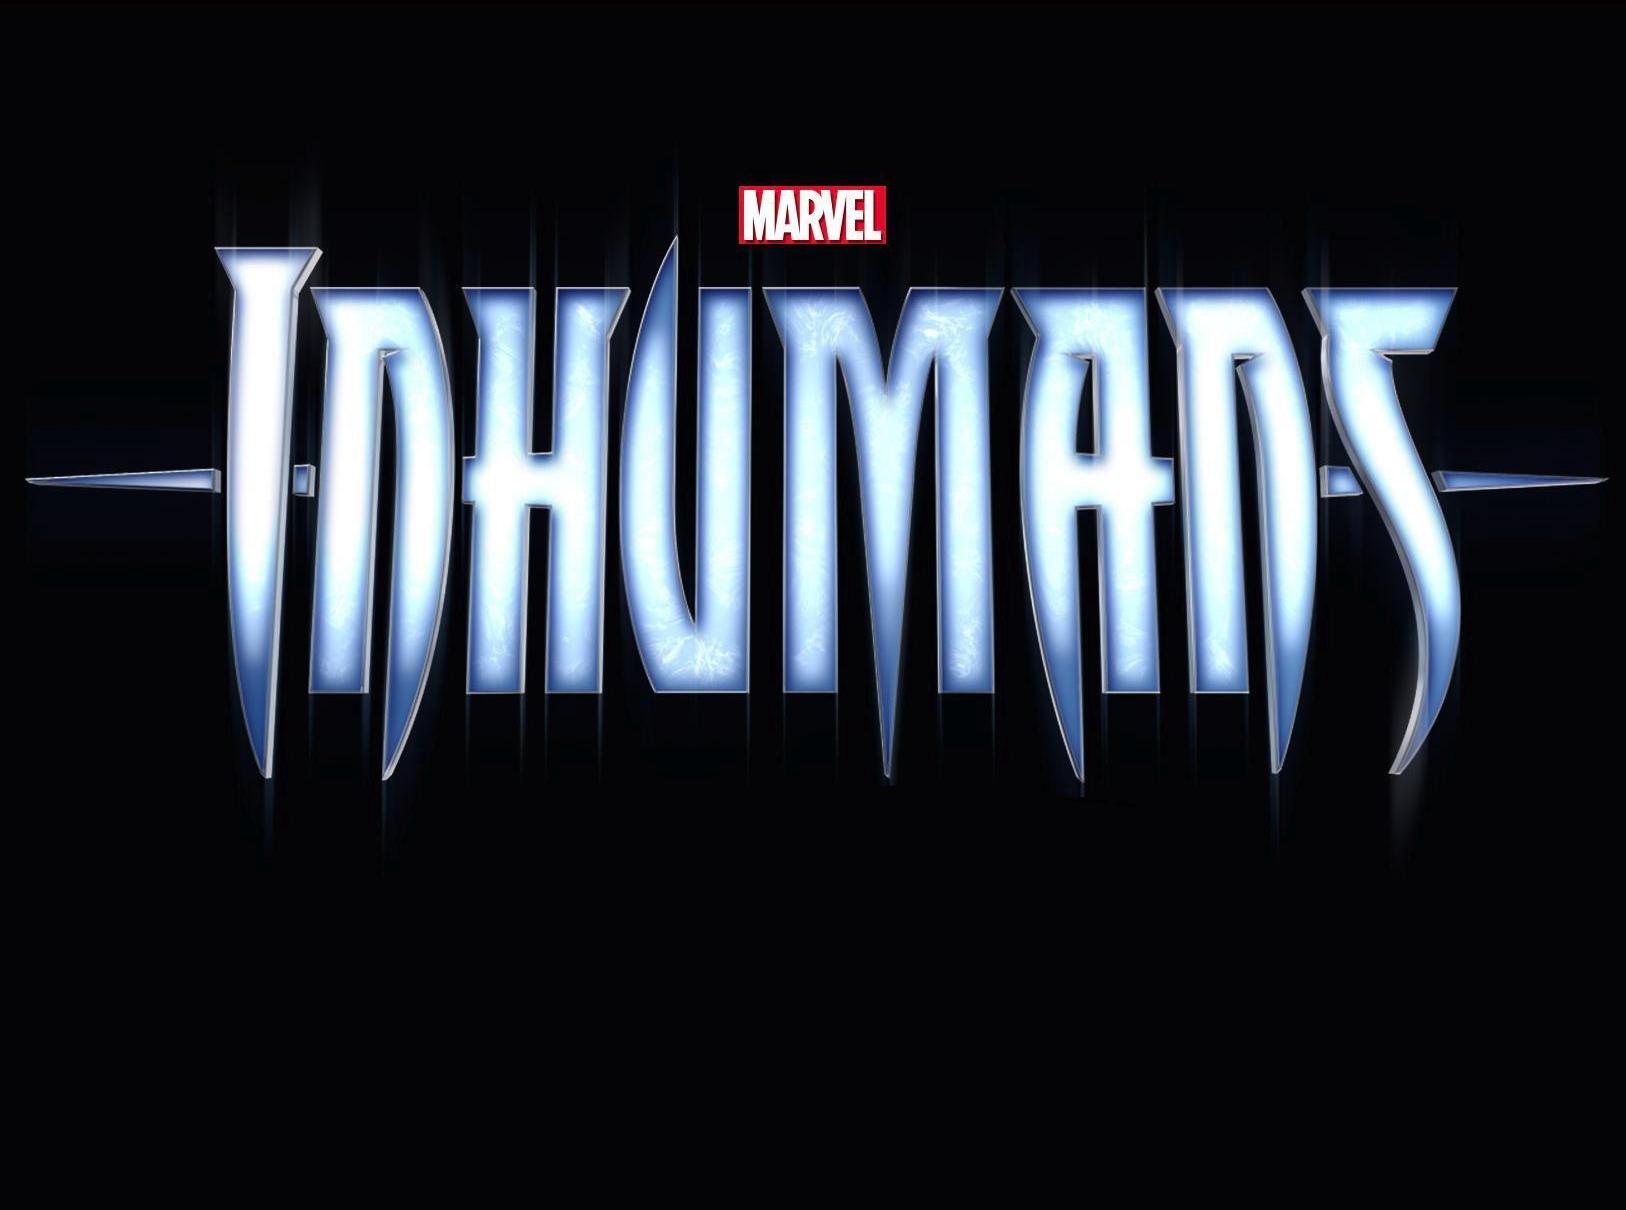 La película de Inhumans de Marvel será pospuesta